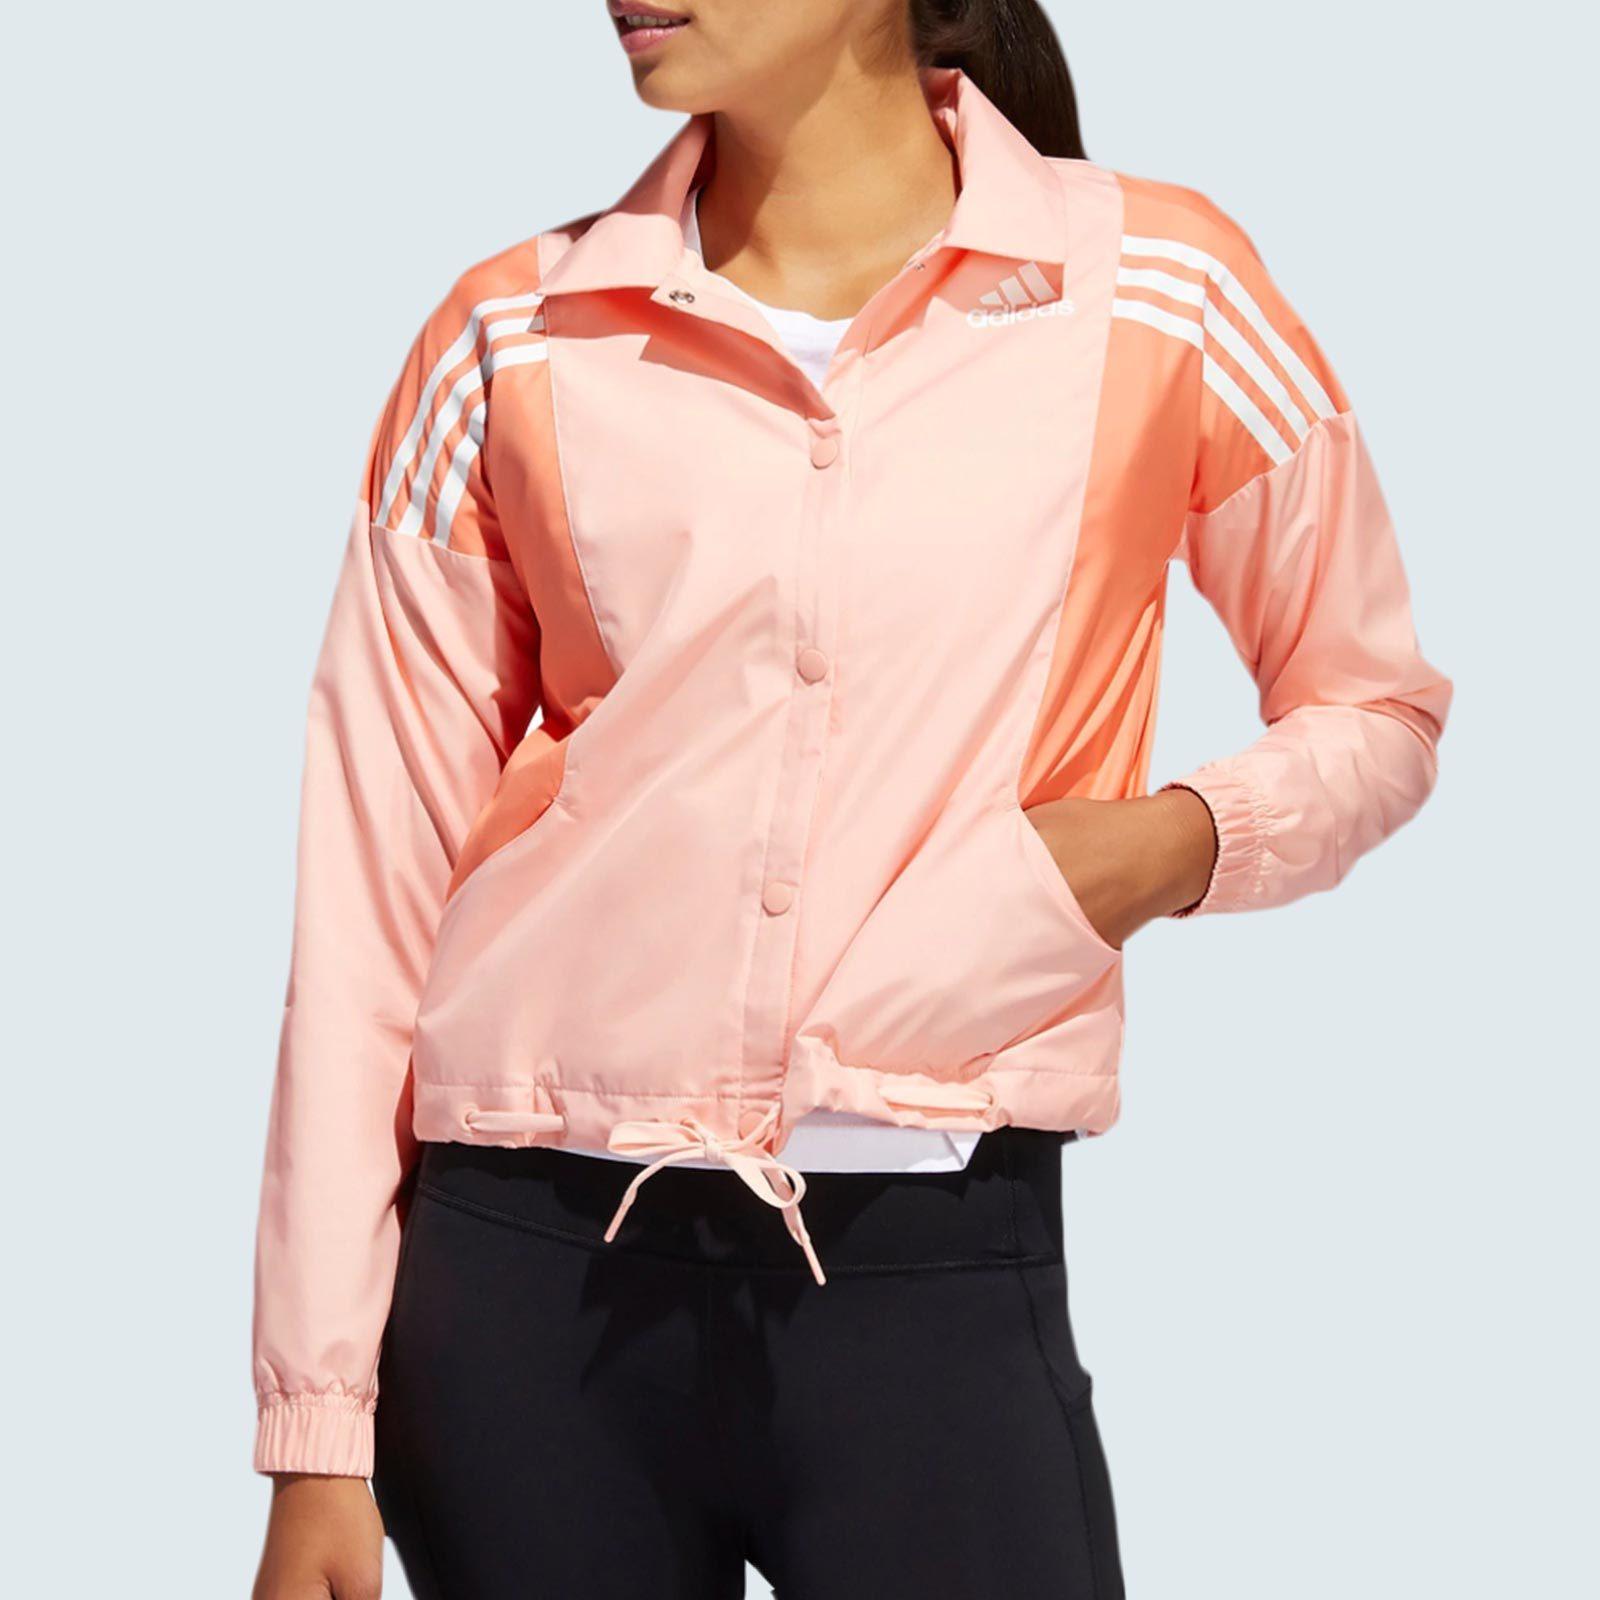 Adidas athleisure